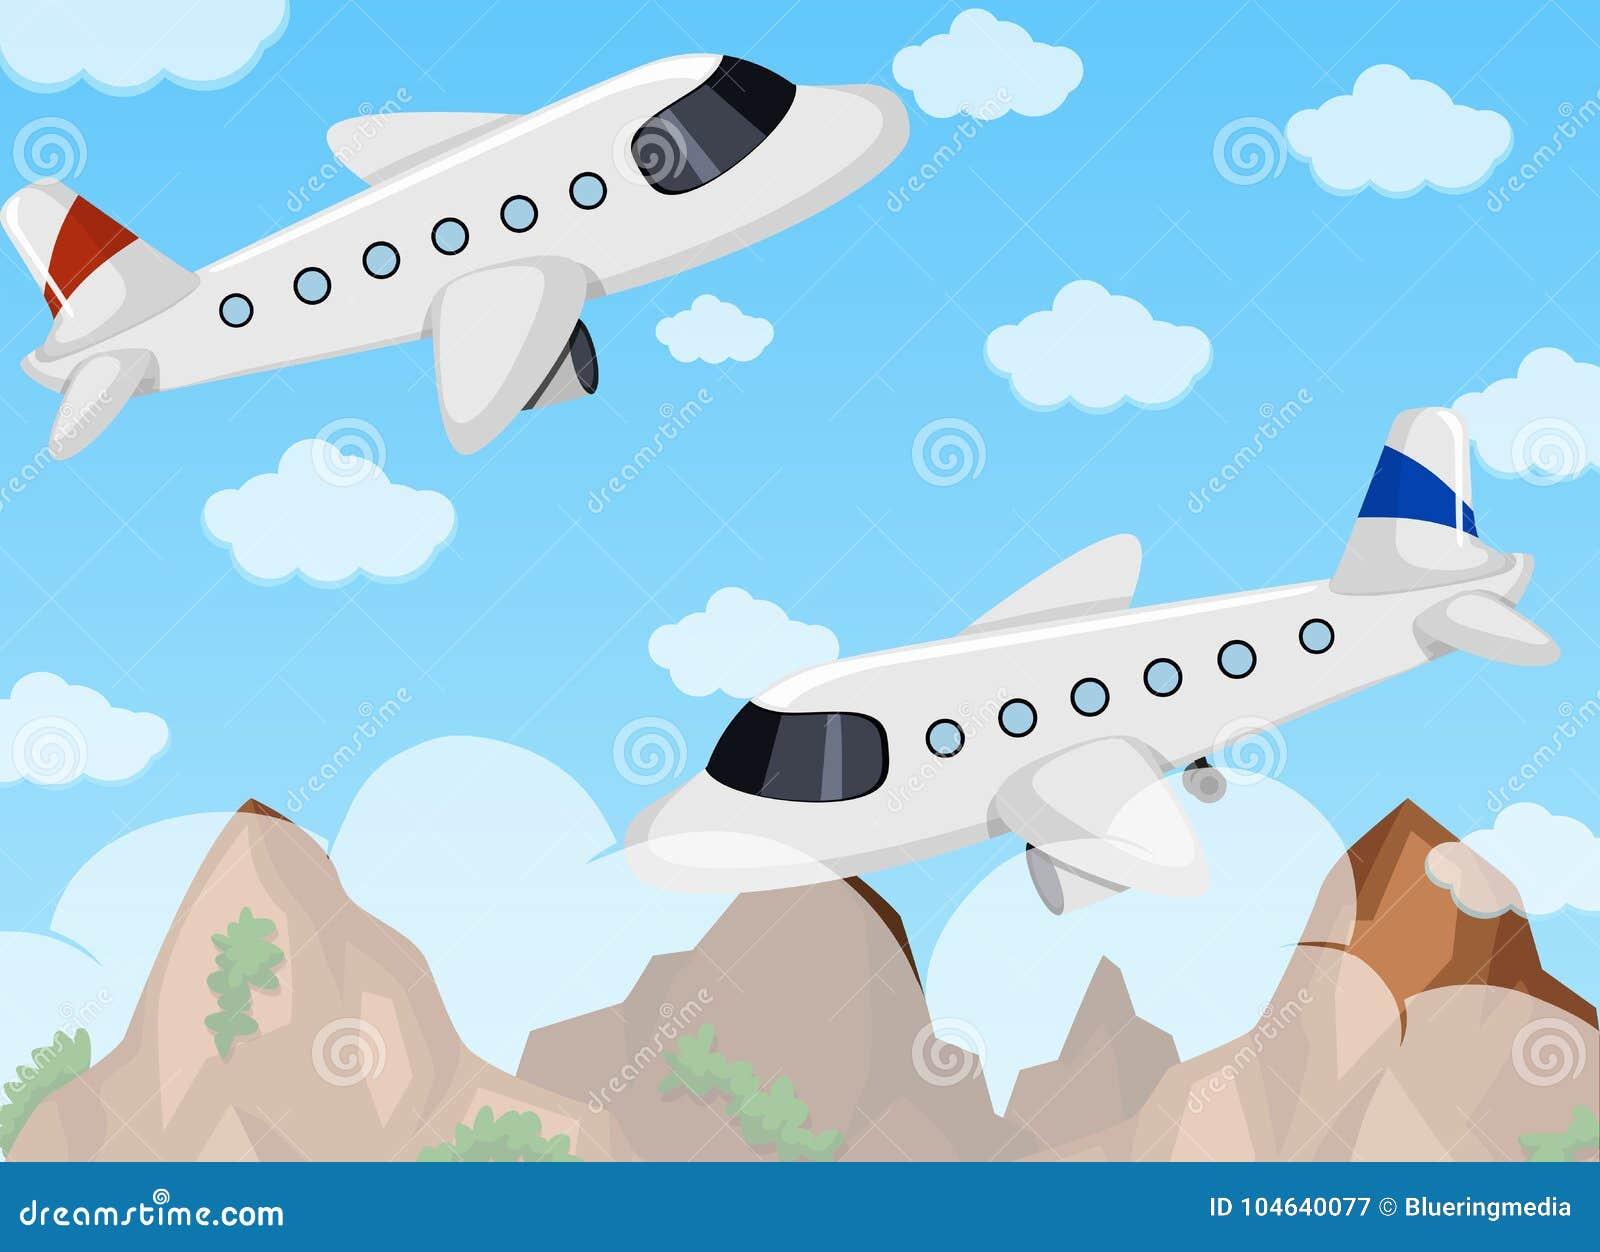 Download Twee Vliegtuigen Die In De Hemel Vliegen Vector Illustratie - Illustratie bestaande uit vliegtuig, tekening: 104640077